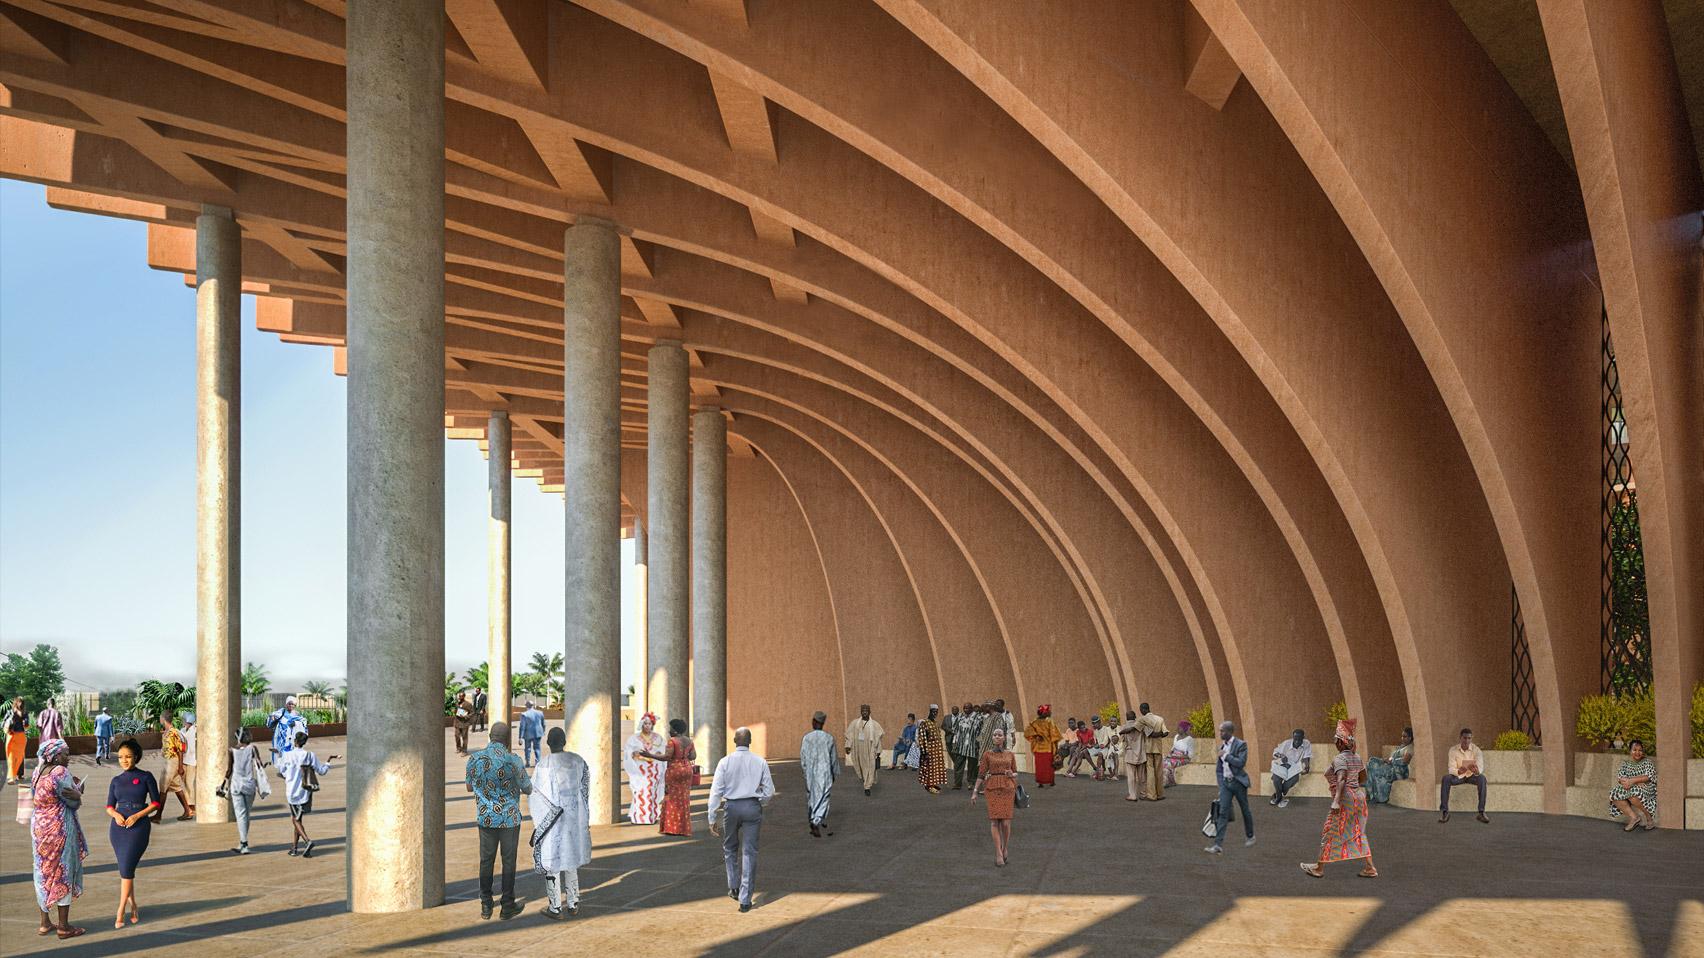 A shaded plaza at Benin parliament